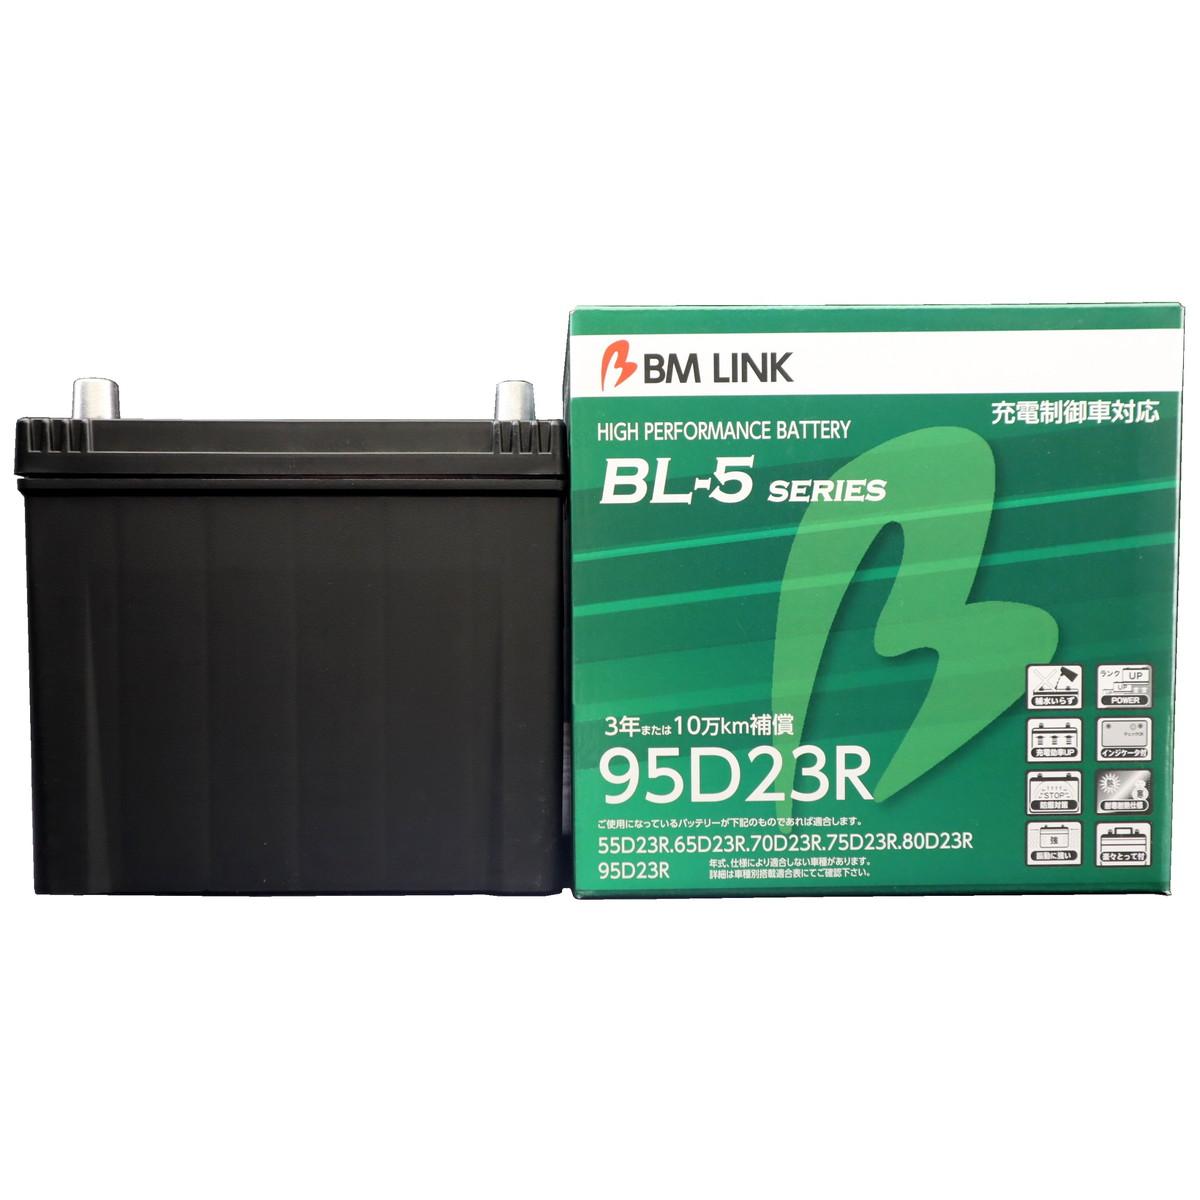 【エントリーでポイント7倍!!】BM LINK BL-5 Series 95D23R 自動車用充電制御車対応バッテリー BL-5シリーズ【3月1日 10:00~4月1日 09:59】